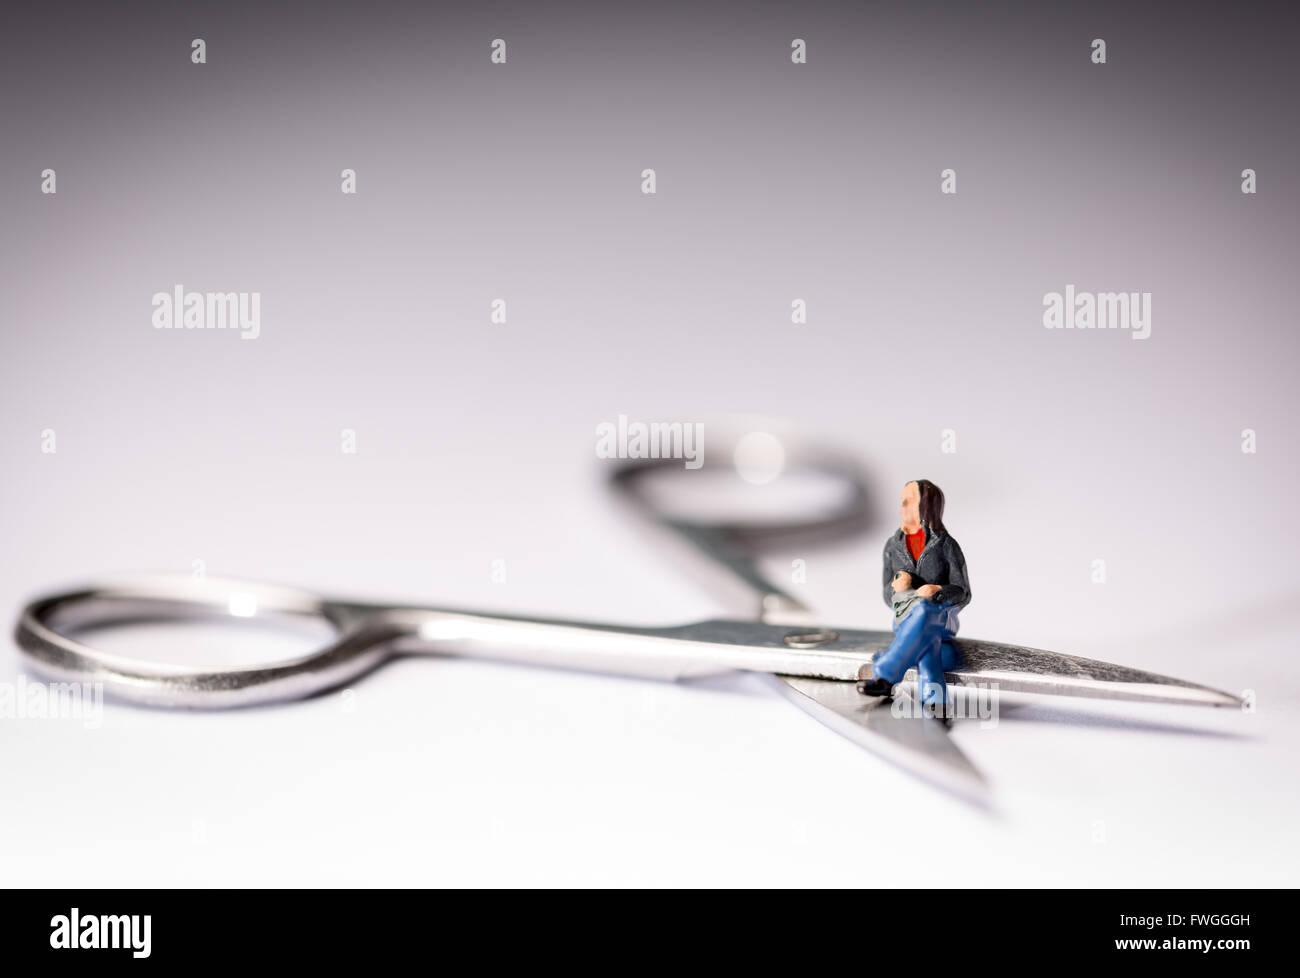 Image d'un concept de la vasectomie figure miniature assit jambes croisées sur une paire de ciseaux Photo Stock